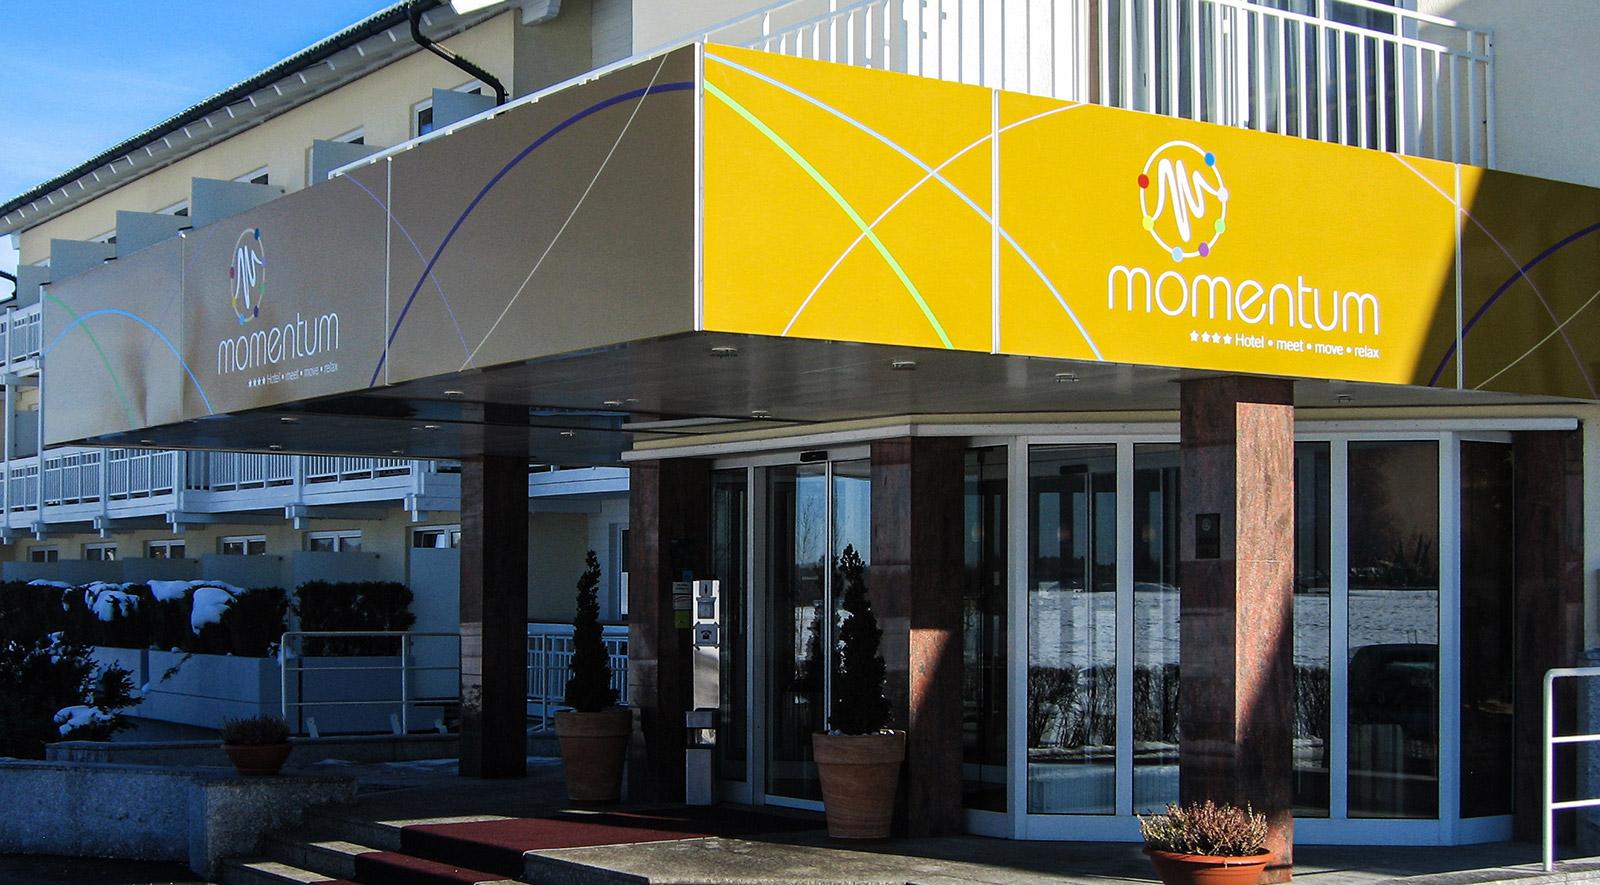 Hotel Momentum